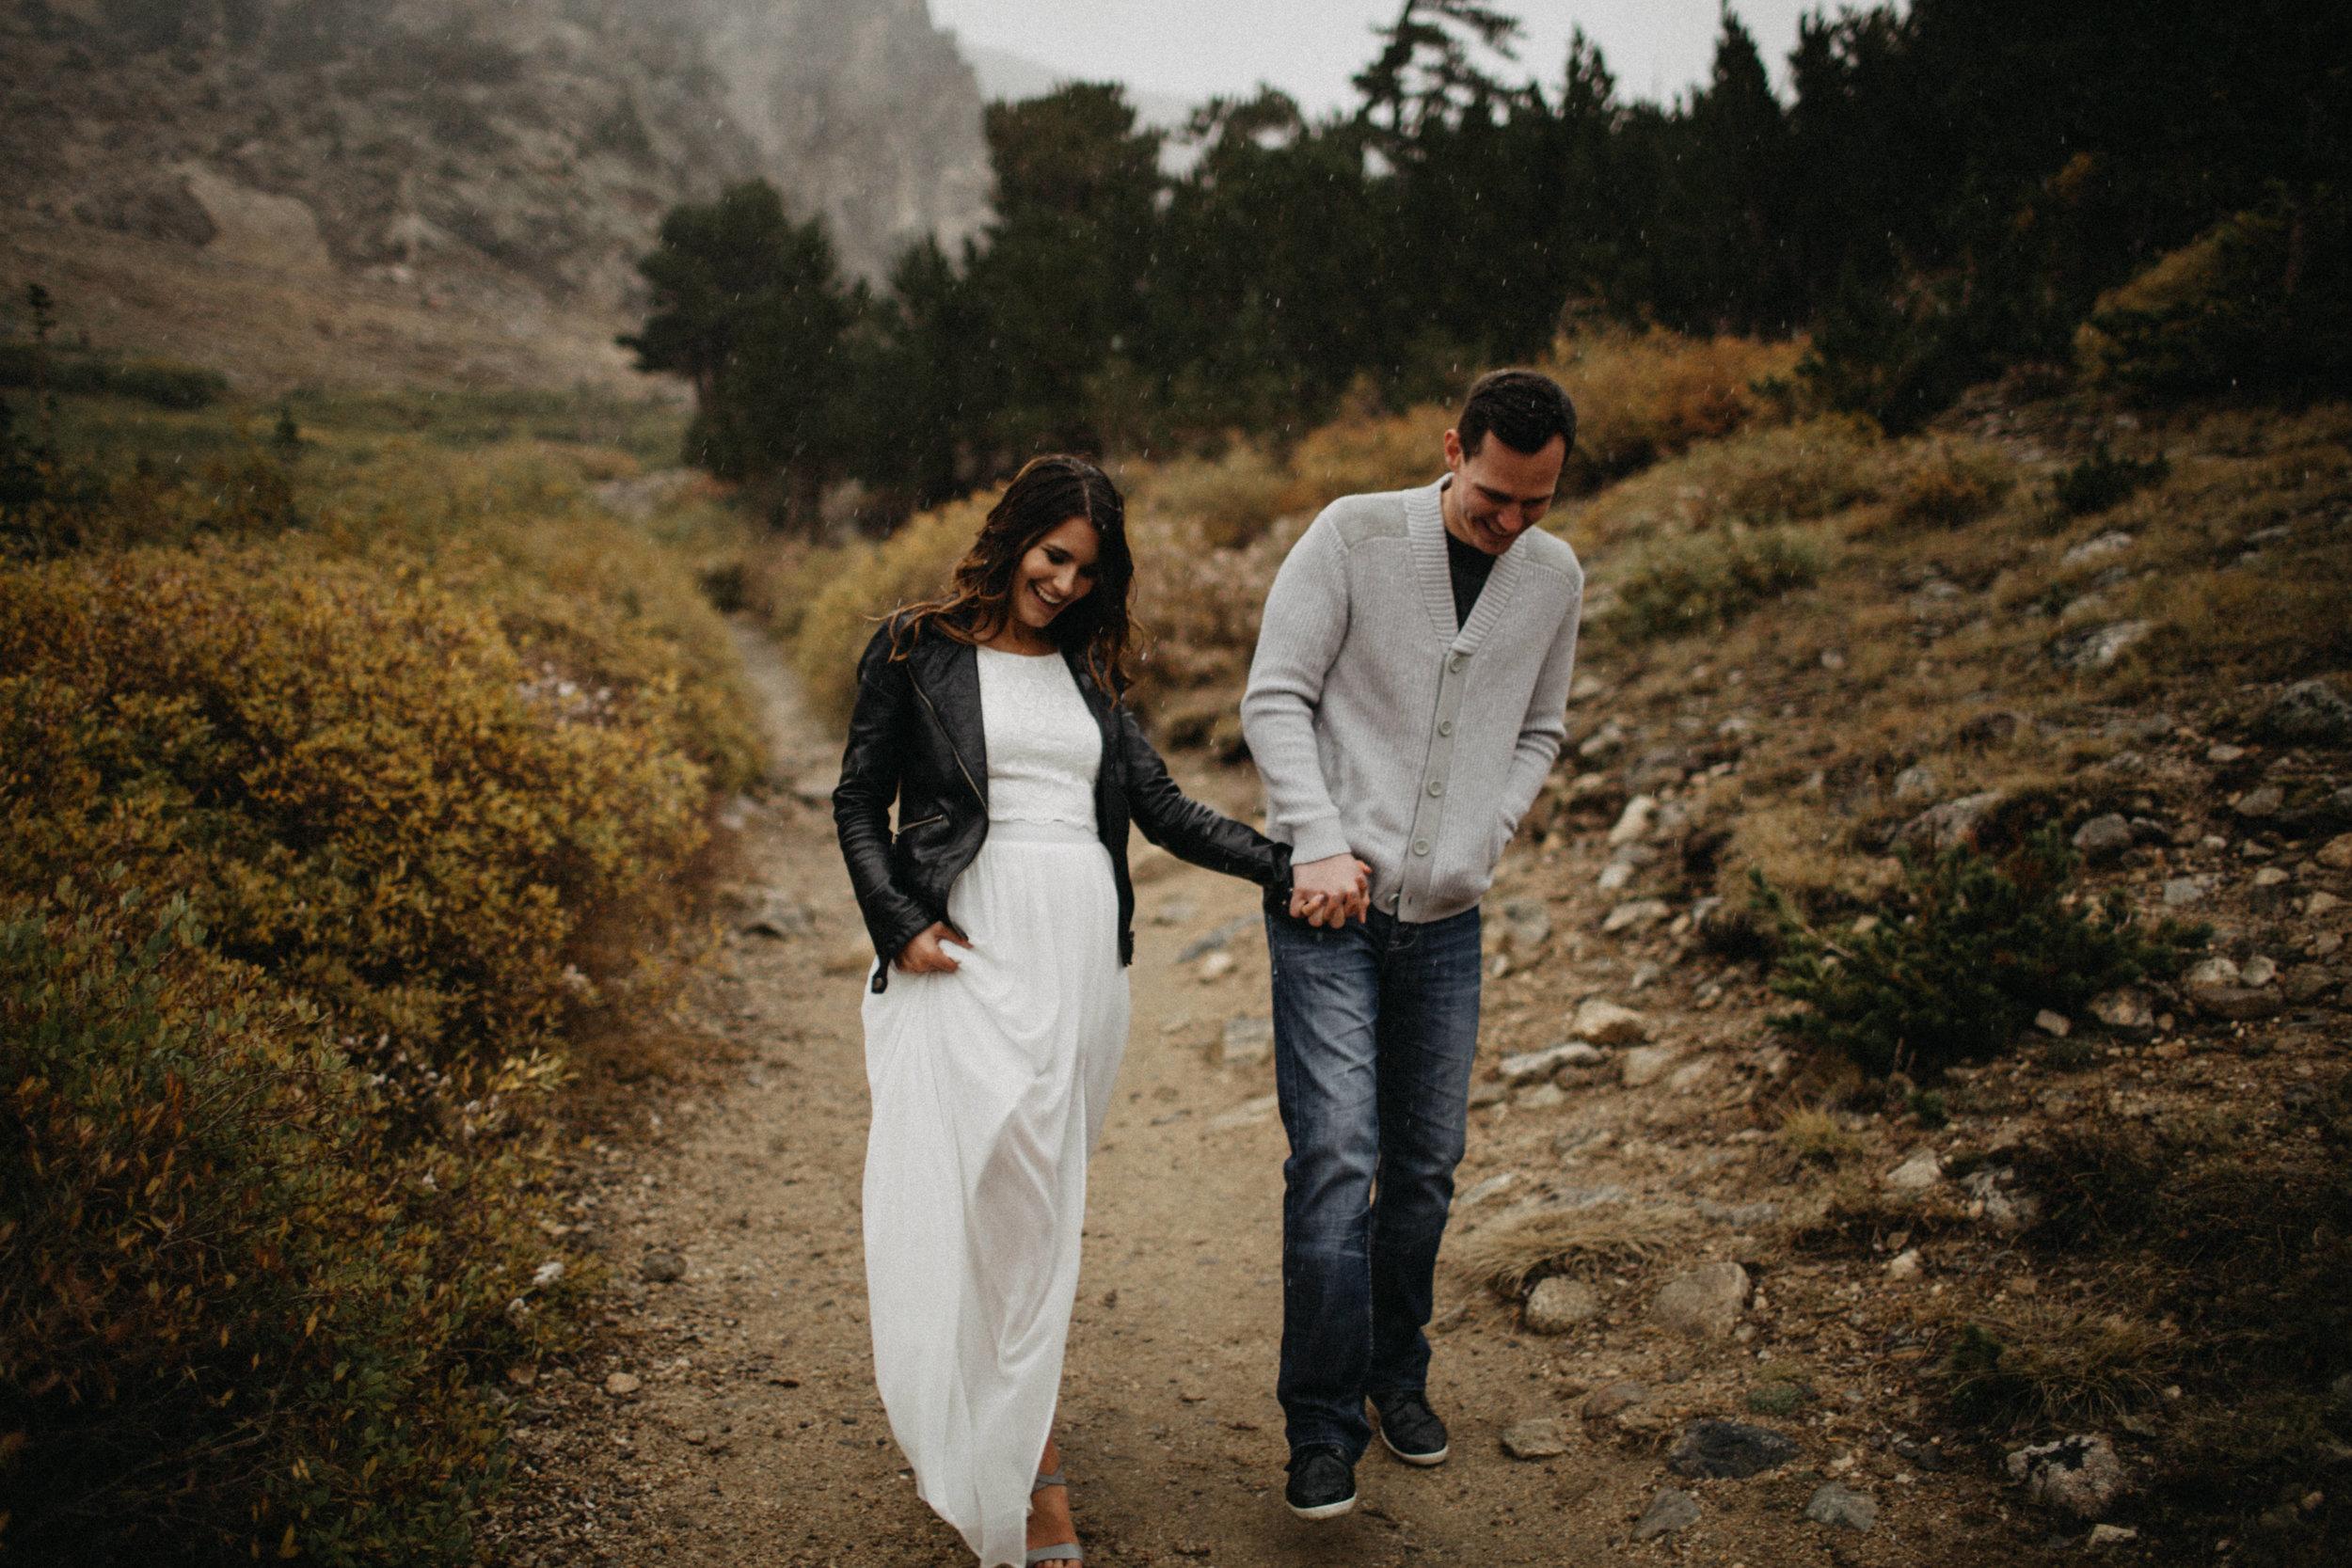 Edgy Destination Wedding Photography in Saint Mary's Glacier, Colorado